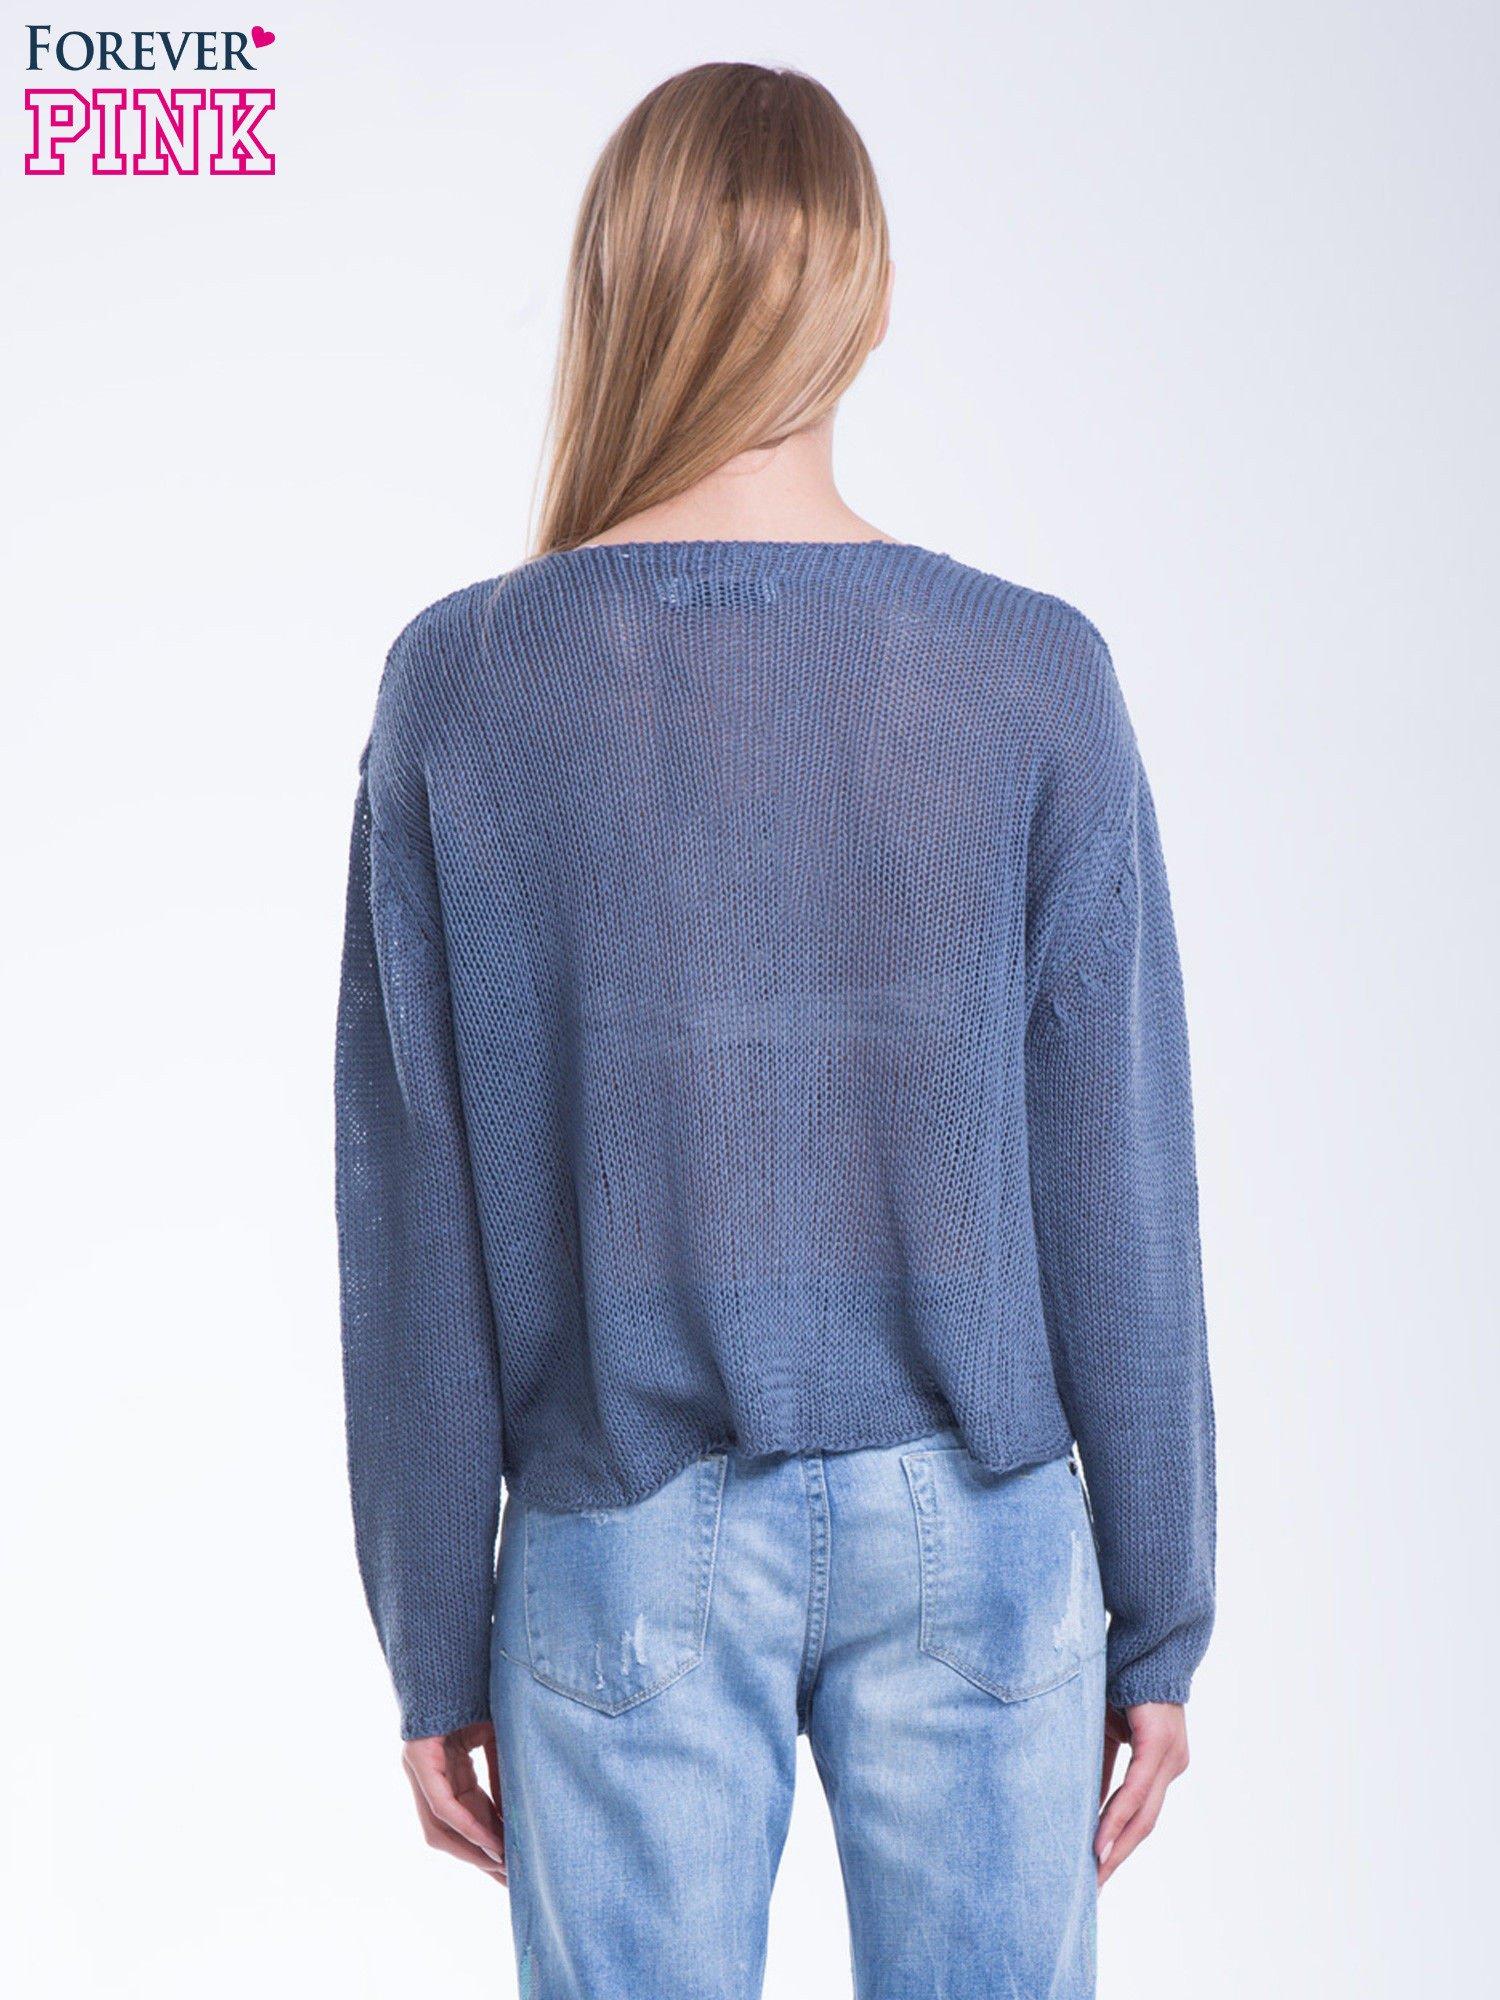 Niebieski siatkowy sweter typu crop top                                  zdj.                                  4